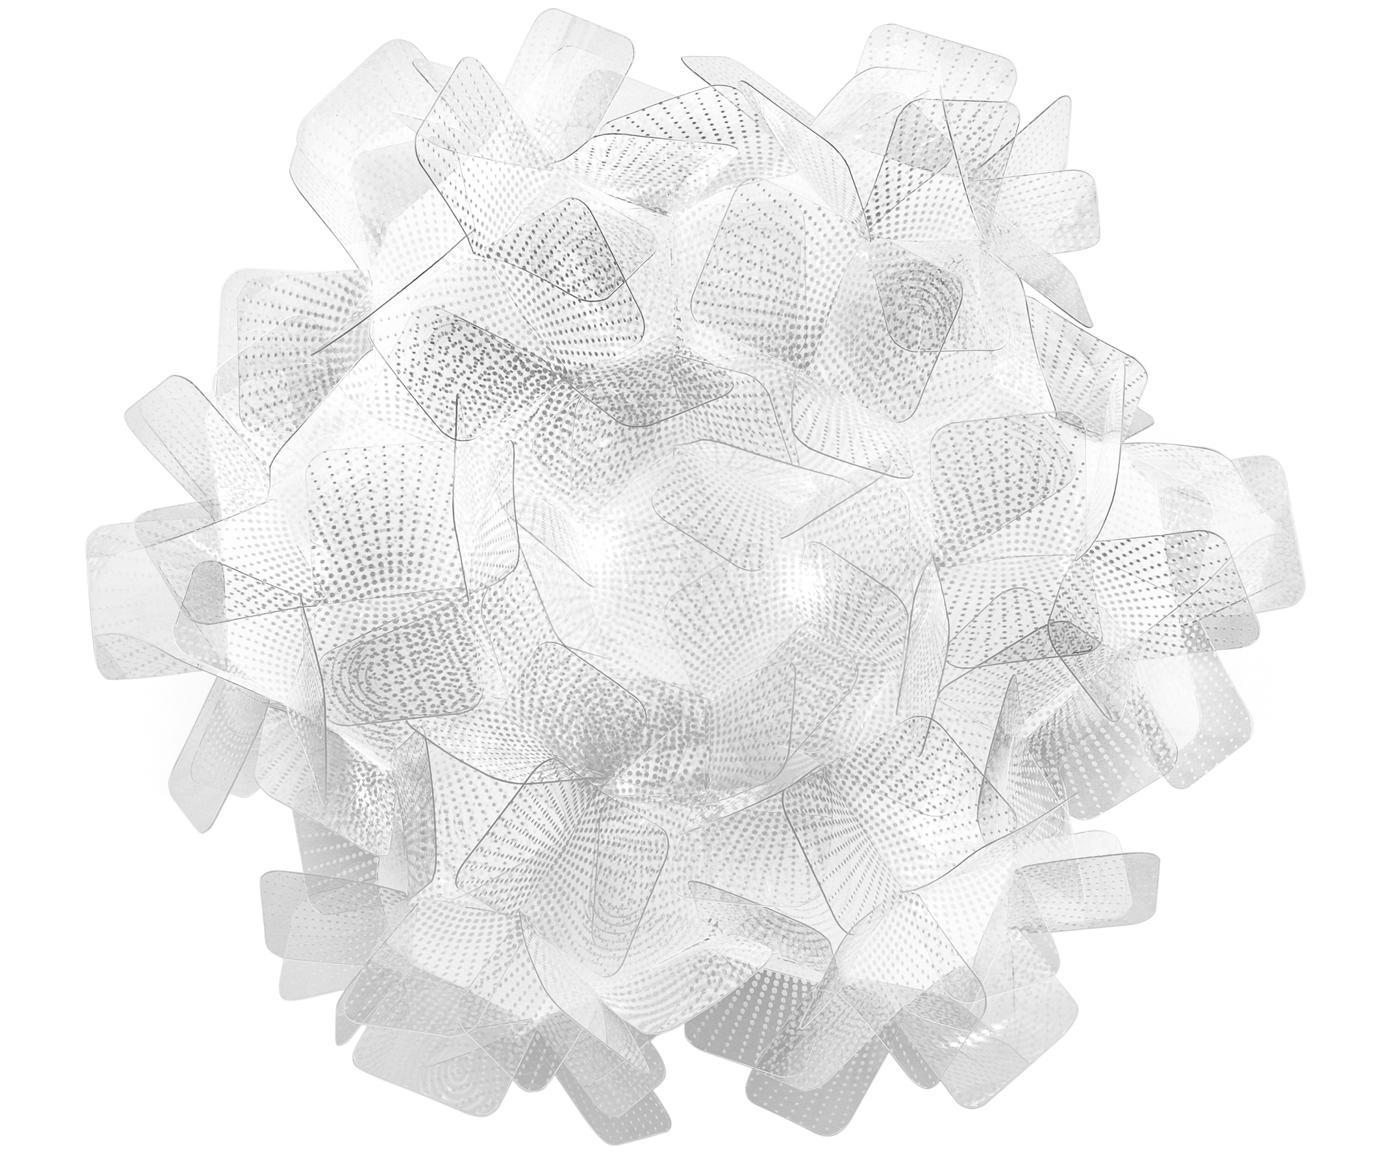 Plafón / Aplique artesanal Clizia Pixel, Tecnopolímero Opalflex®, reciclable, irrompible, flexible, con revestimiento antiestático, resistentealos rayos UV y al calor, Transparente, Ø 32 x F 15 cm